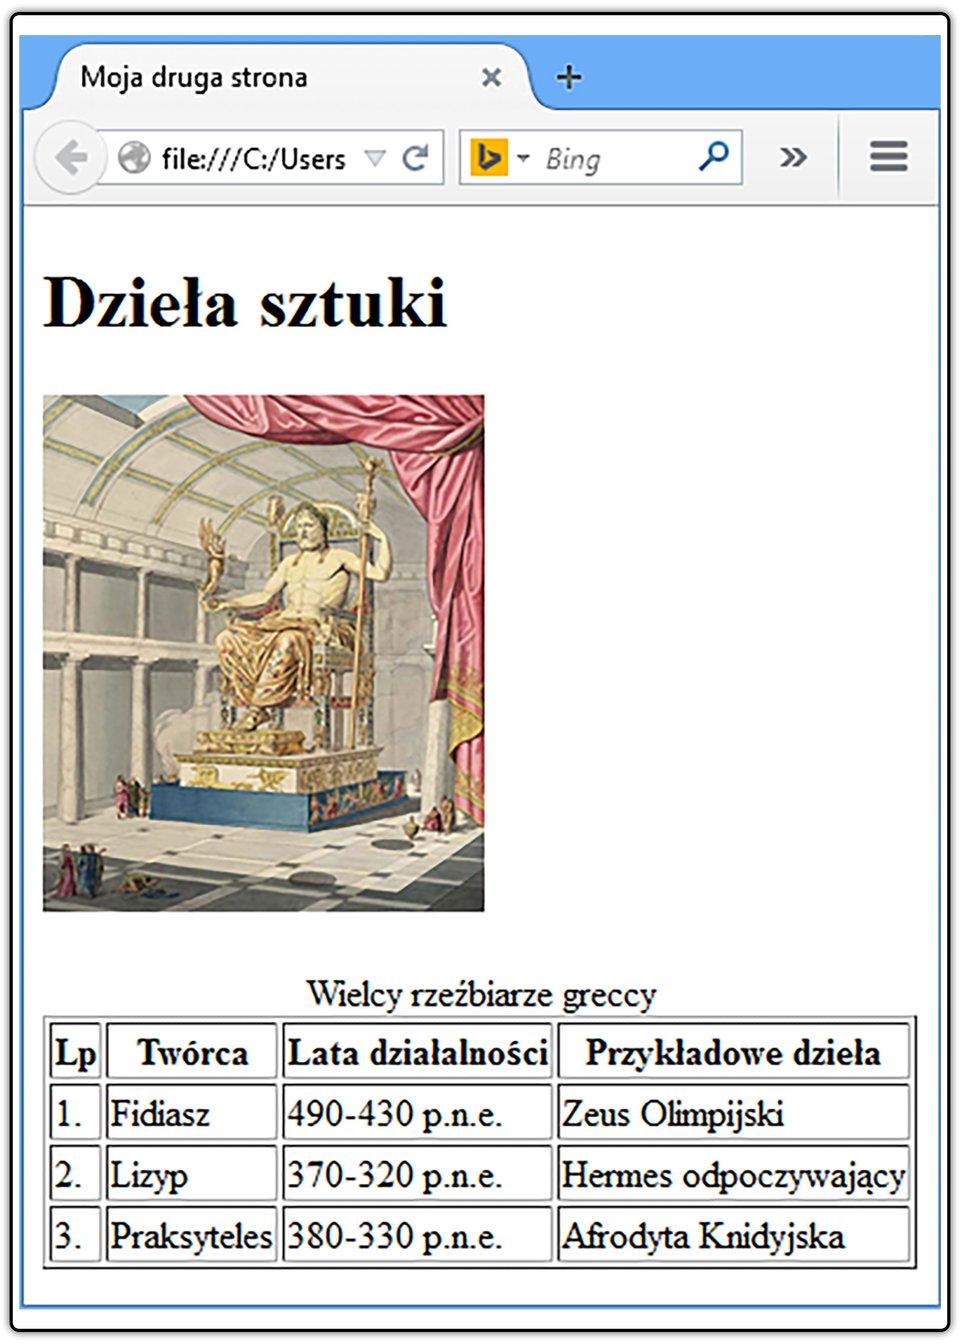 Zrzut widoku strony dokumentu HTML zkilkoma fotografiami umieszczonymi obok siebie